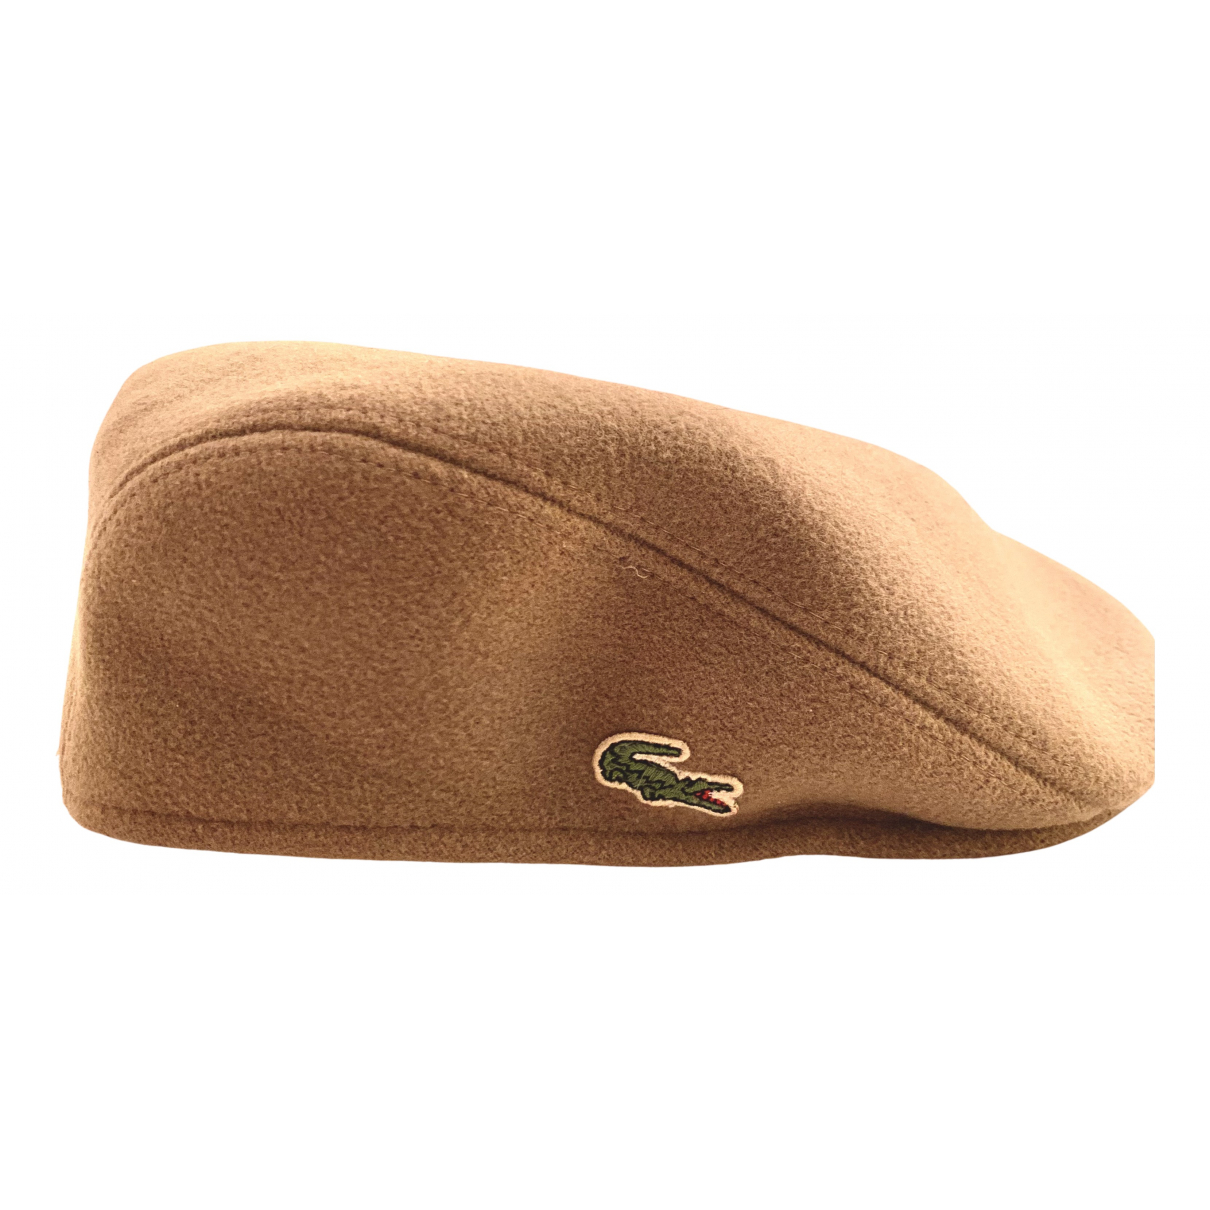 Lacoste - Chapeau & Bonnets   pour homme en laine - beige